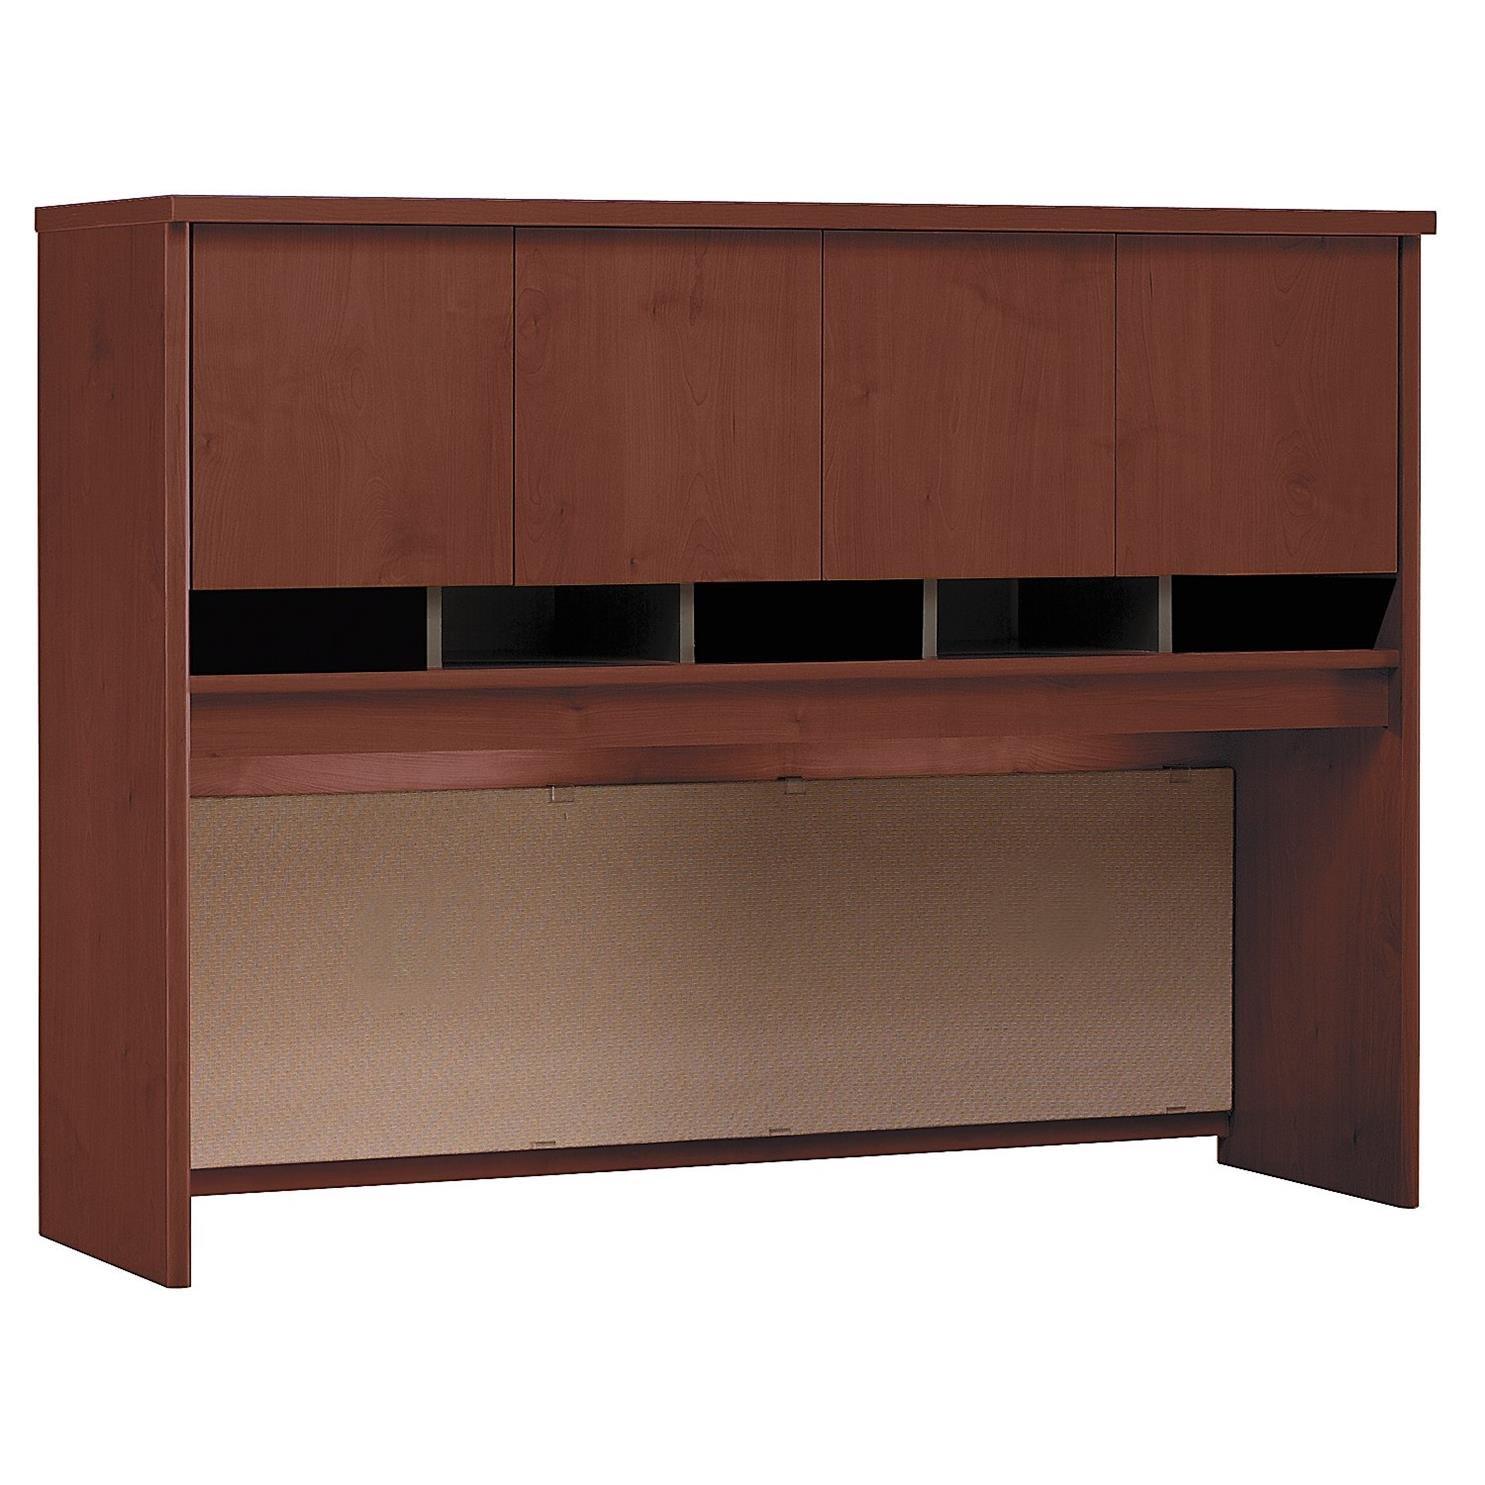 Bush Business Furniture Series C 60W Hutch in Hansen Cherry by Bush Business Furniture